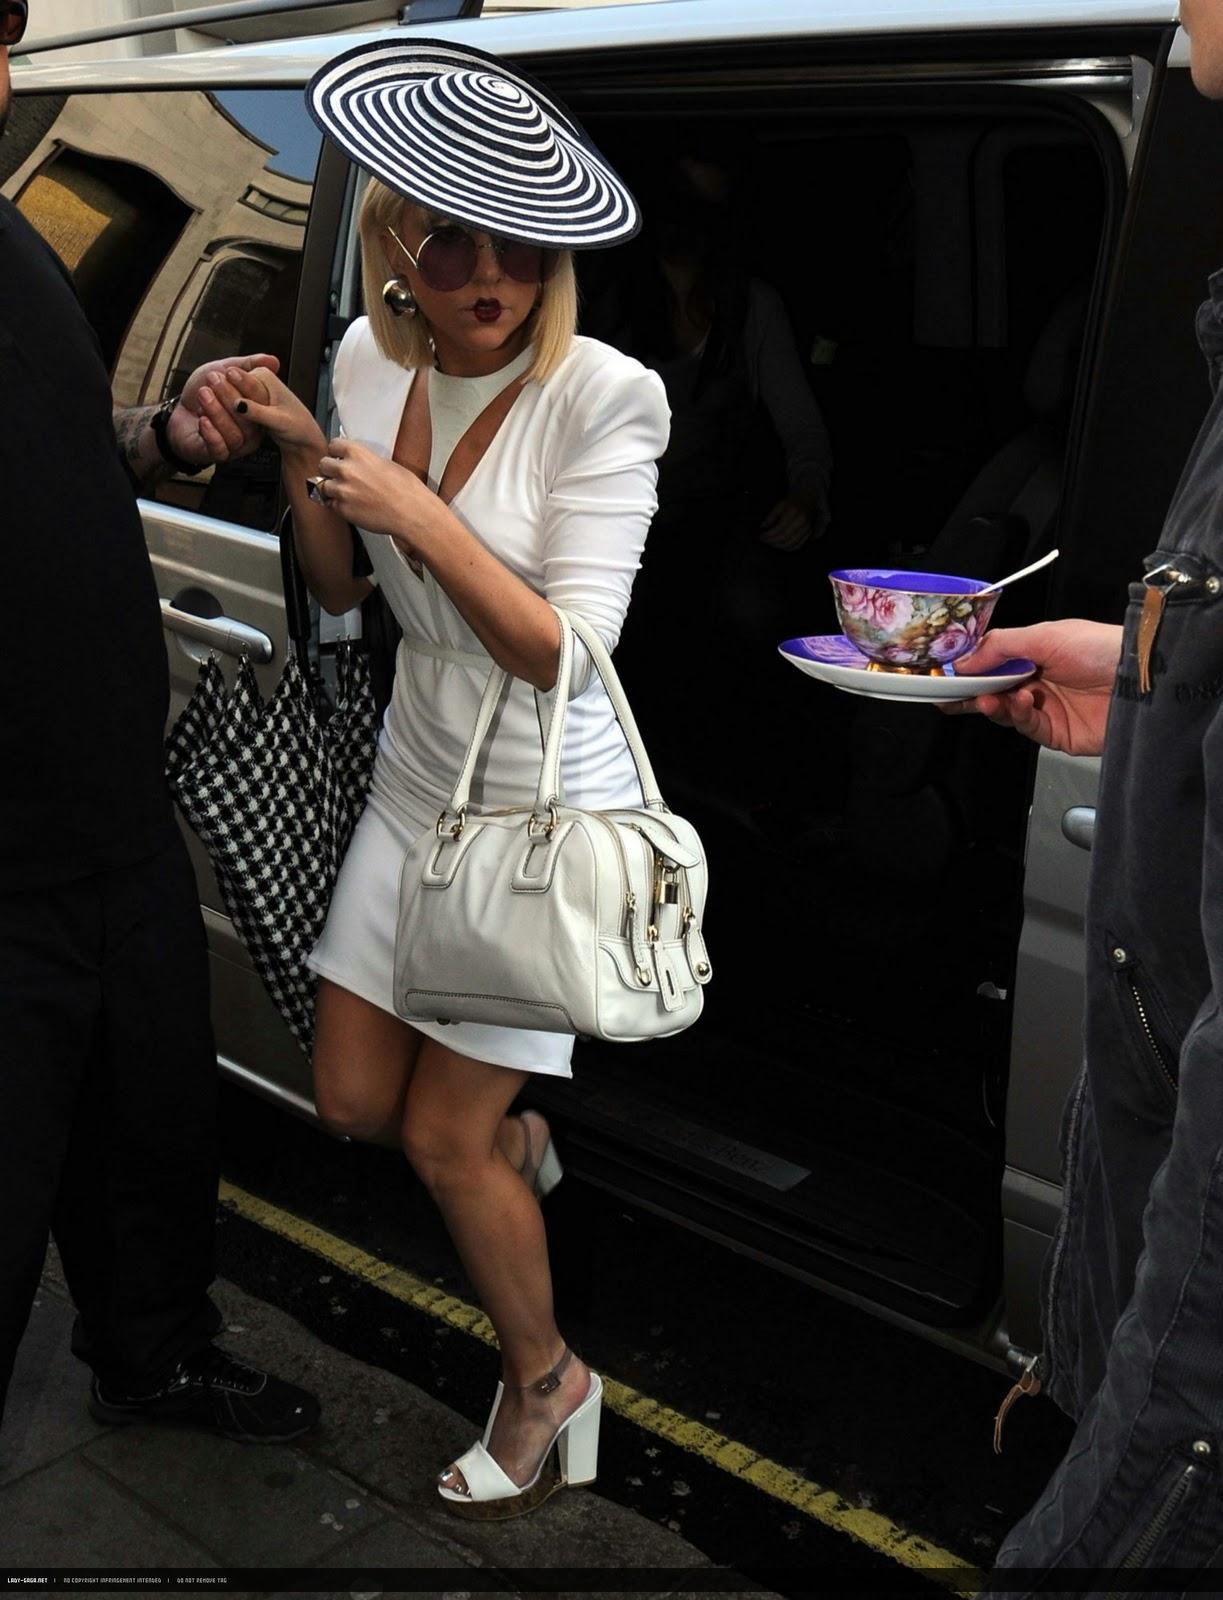 http://4.bp.blogspot.com/-wboPzhjxqsI/TsjSdmEZocI/AAAAAAAAoVs/__1lRKWKi_g/s1600/lady-gaga-dress-20.jpeg